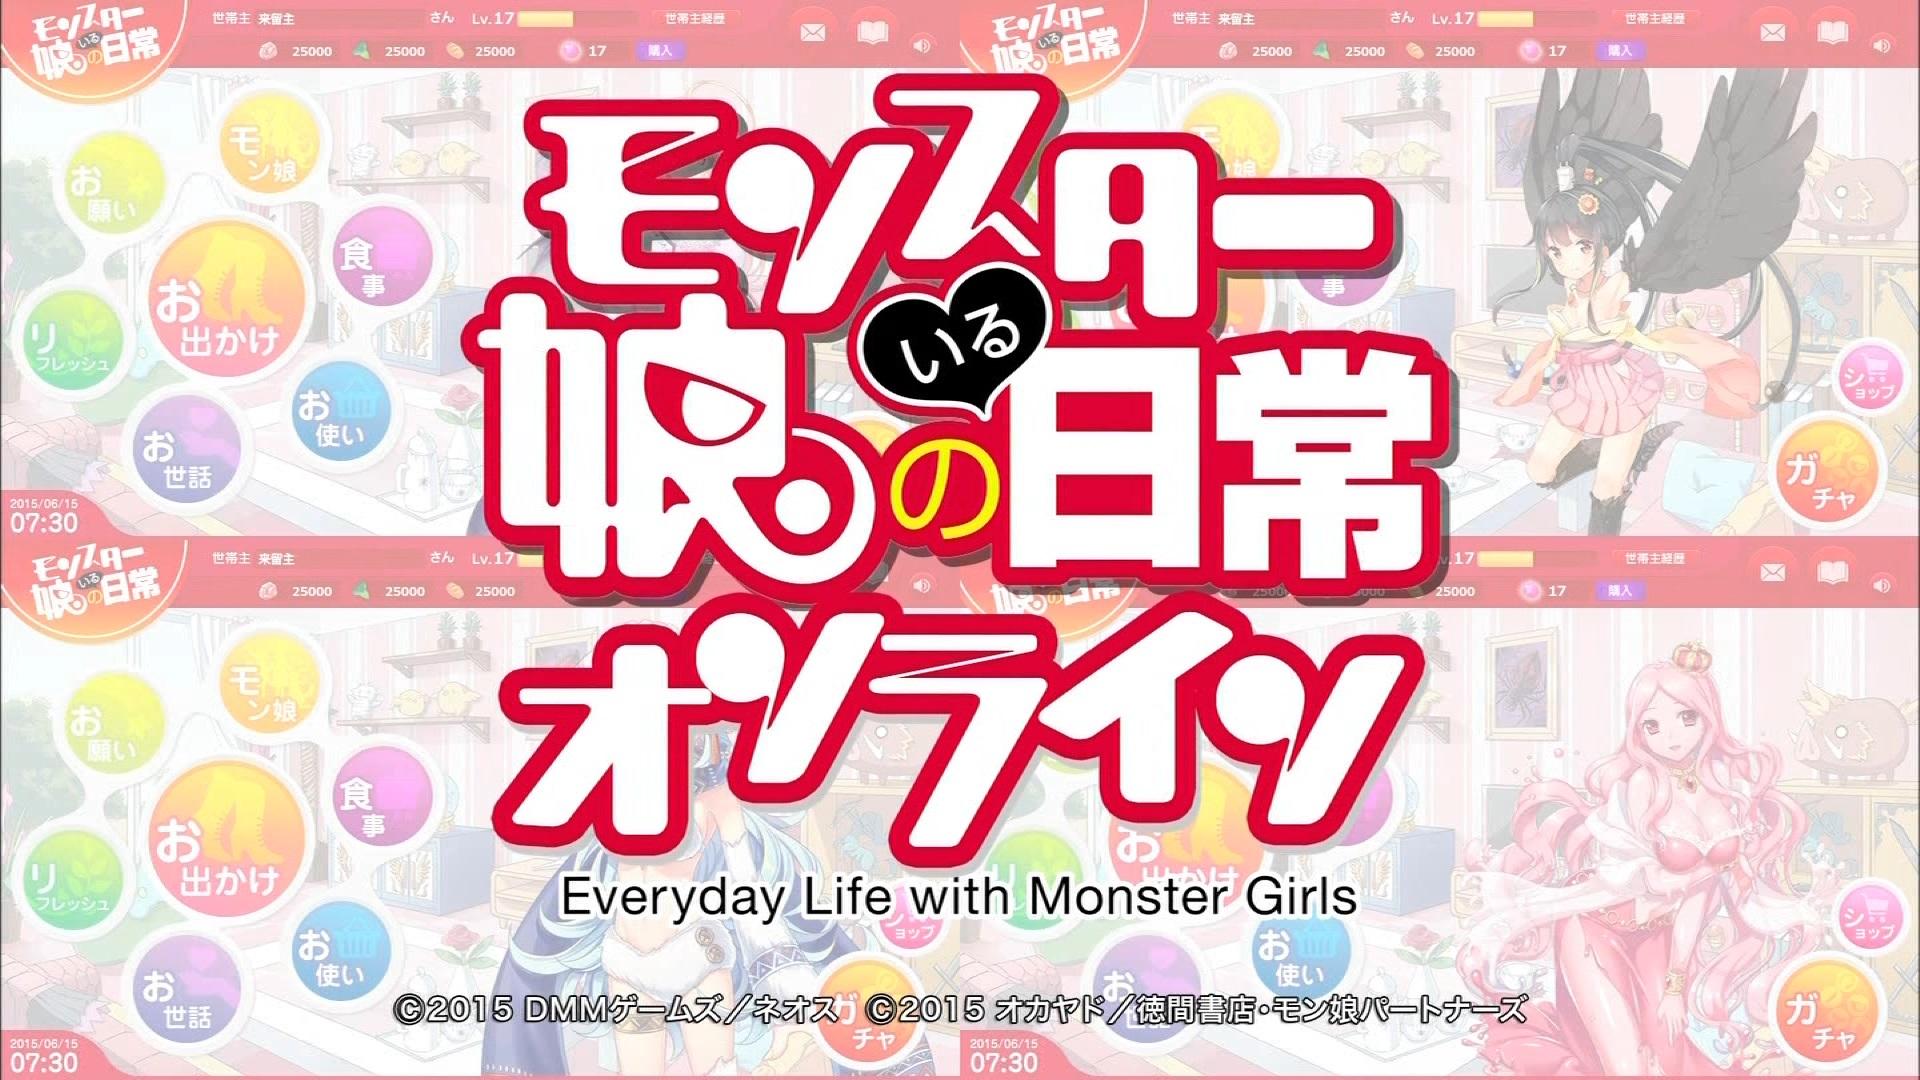 基本無料の新作ブラウザコミュニケーションゲーム 『モンスター娘のいる日常オンライン』